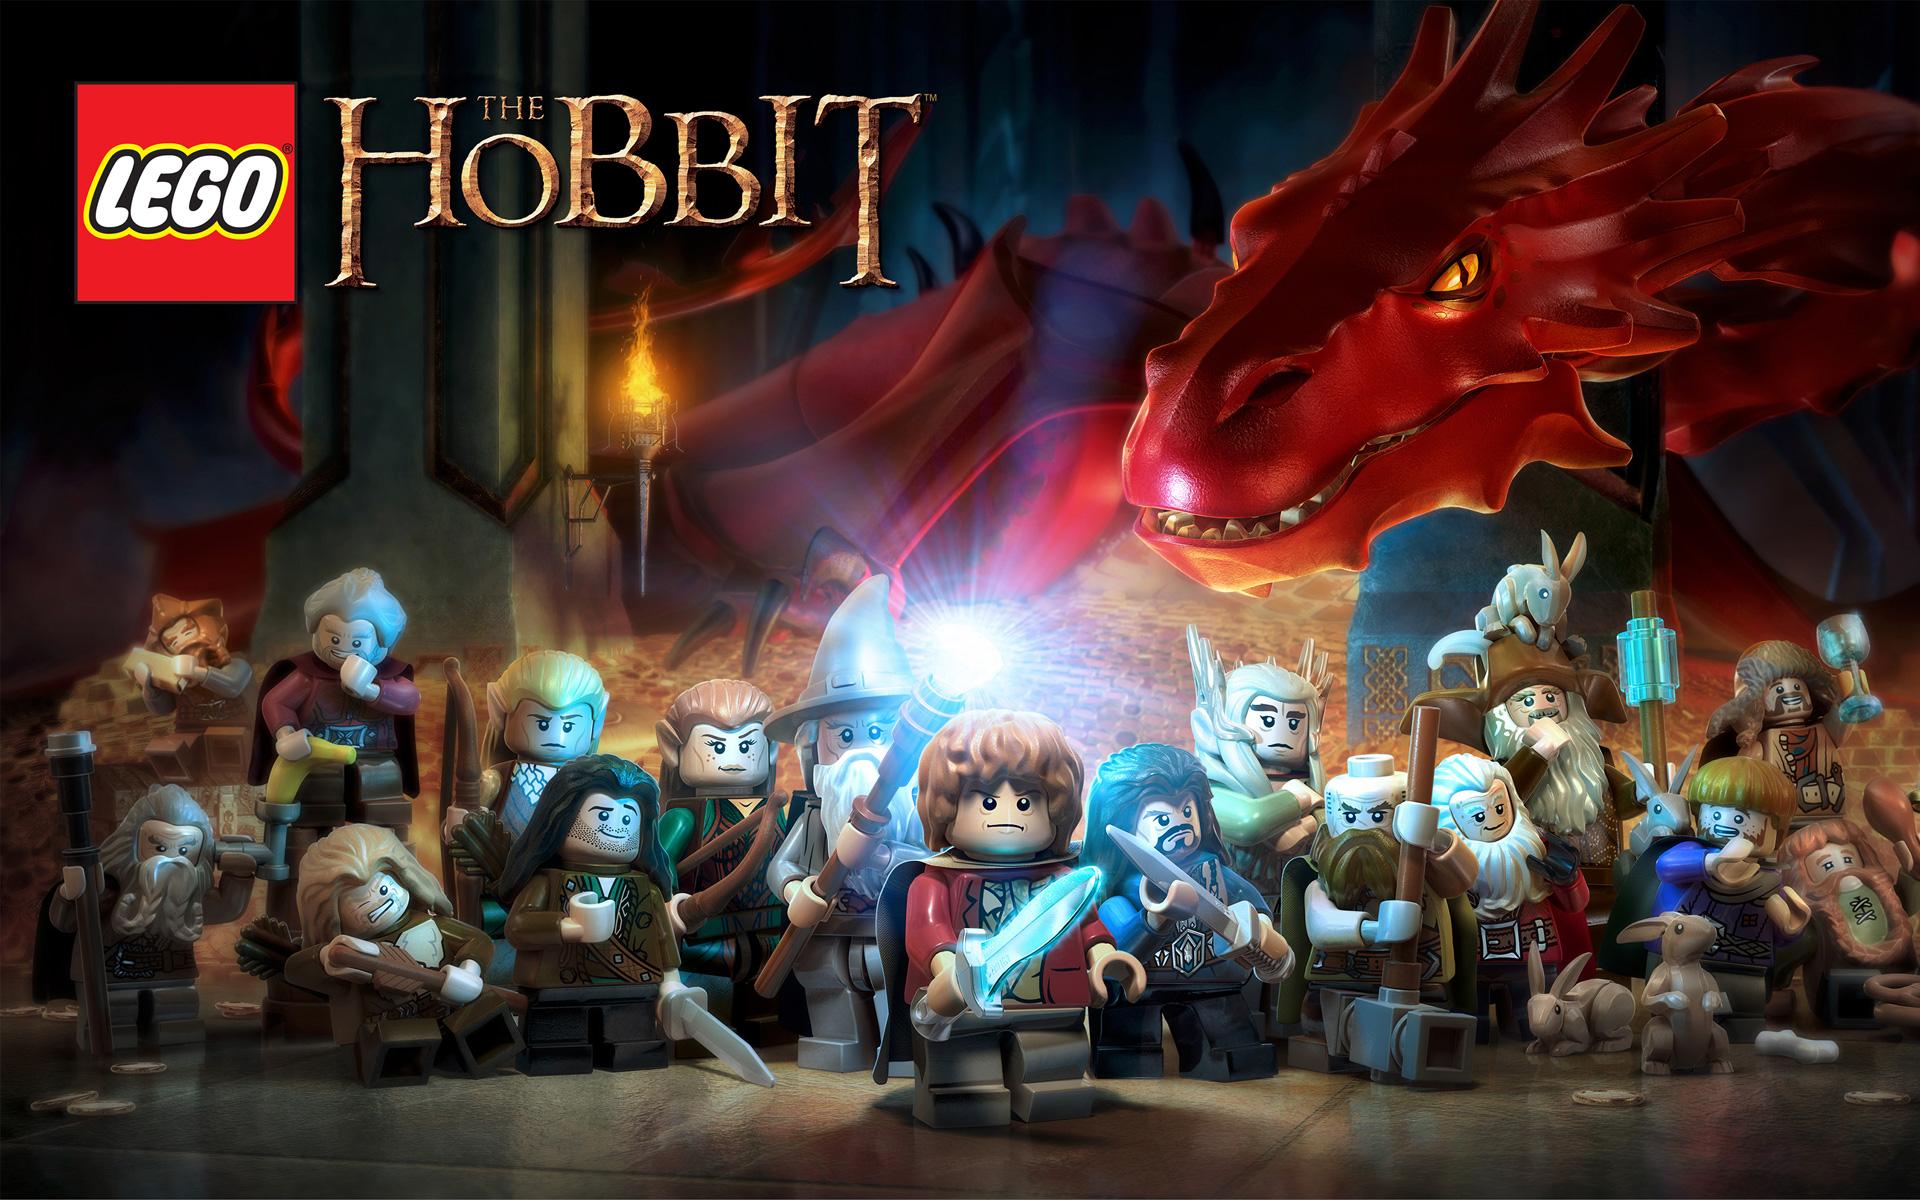 Lego The Hobbit Wallpaper in 1920x1200 1920x1200